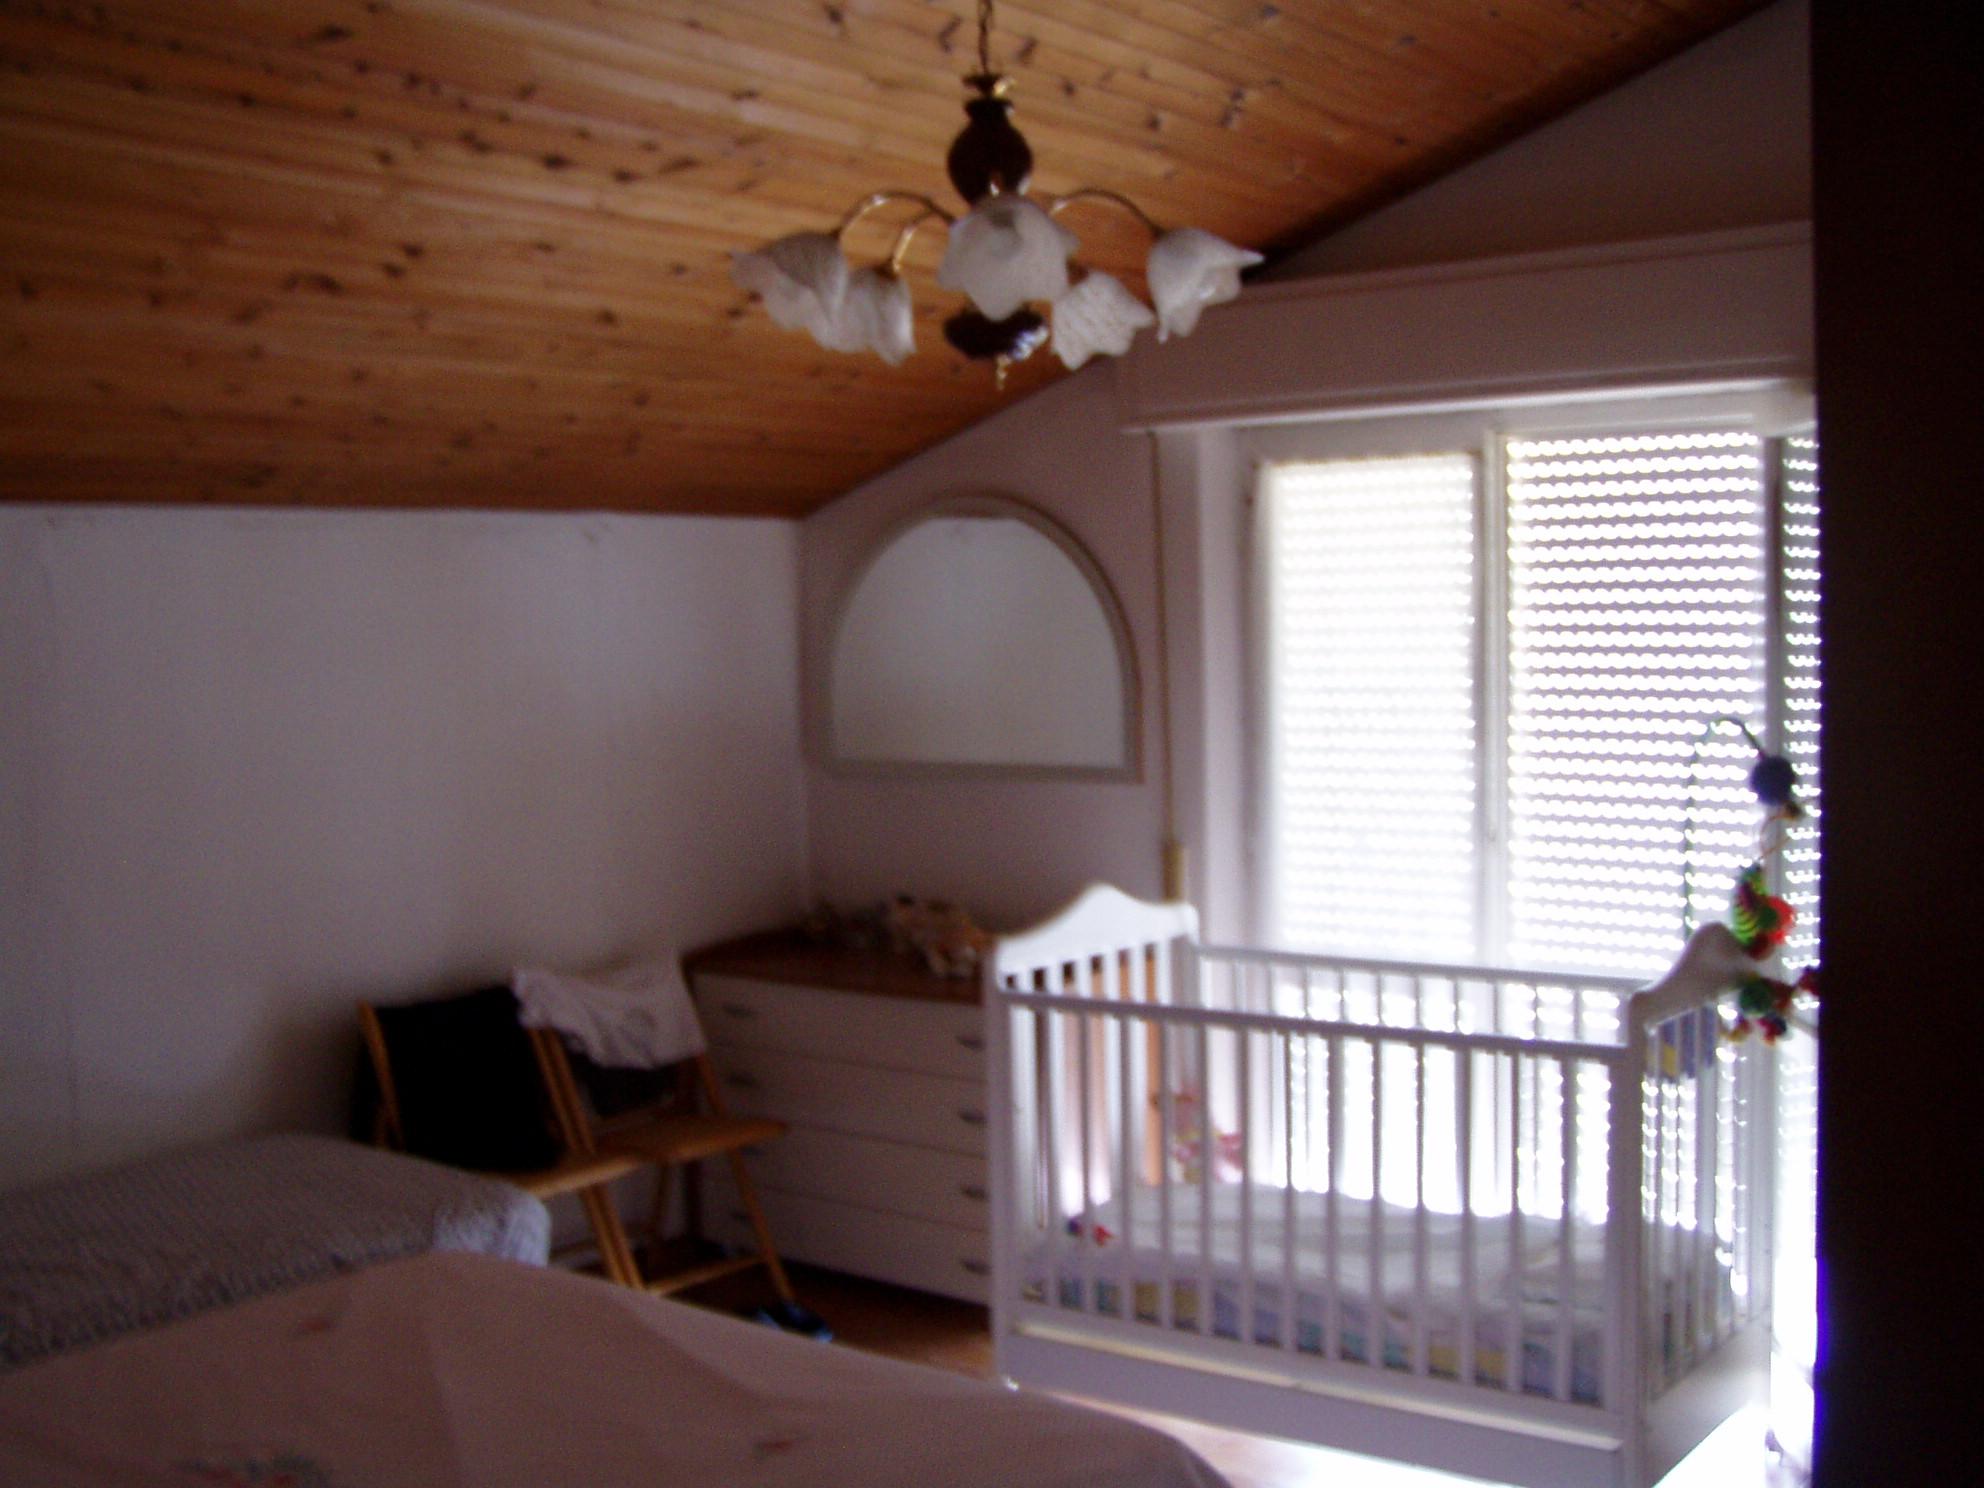 Appartamento in vendita a Castelleone di Suasa, 9999 locali, prezzo € 90.000 | CambioCasa.it